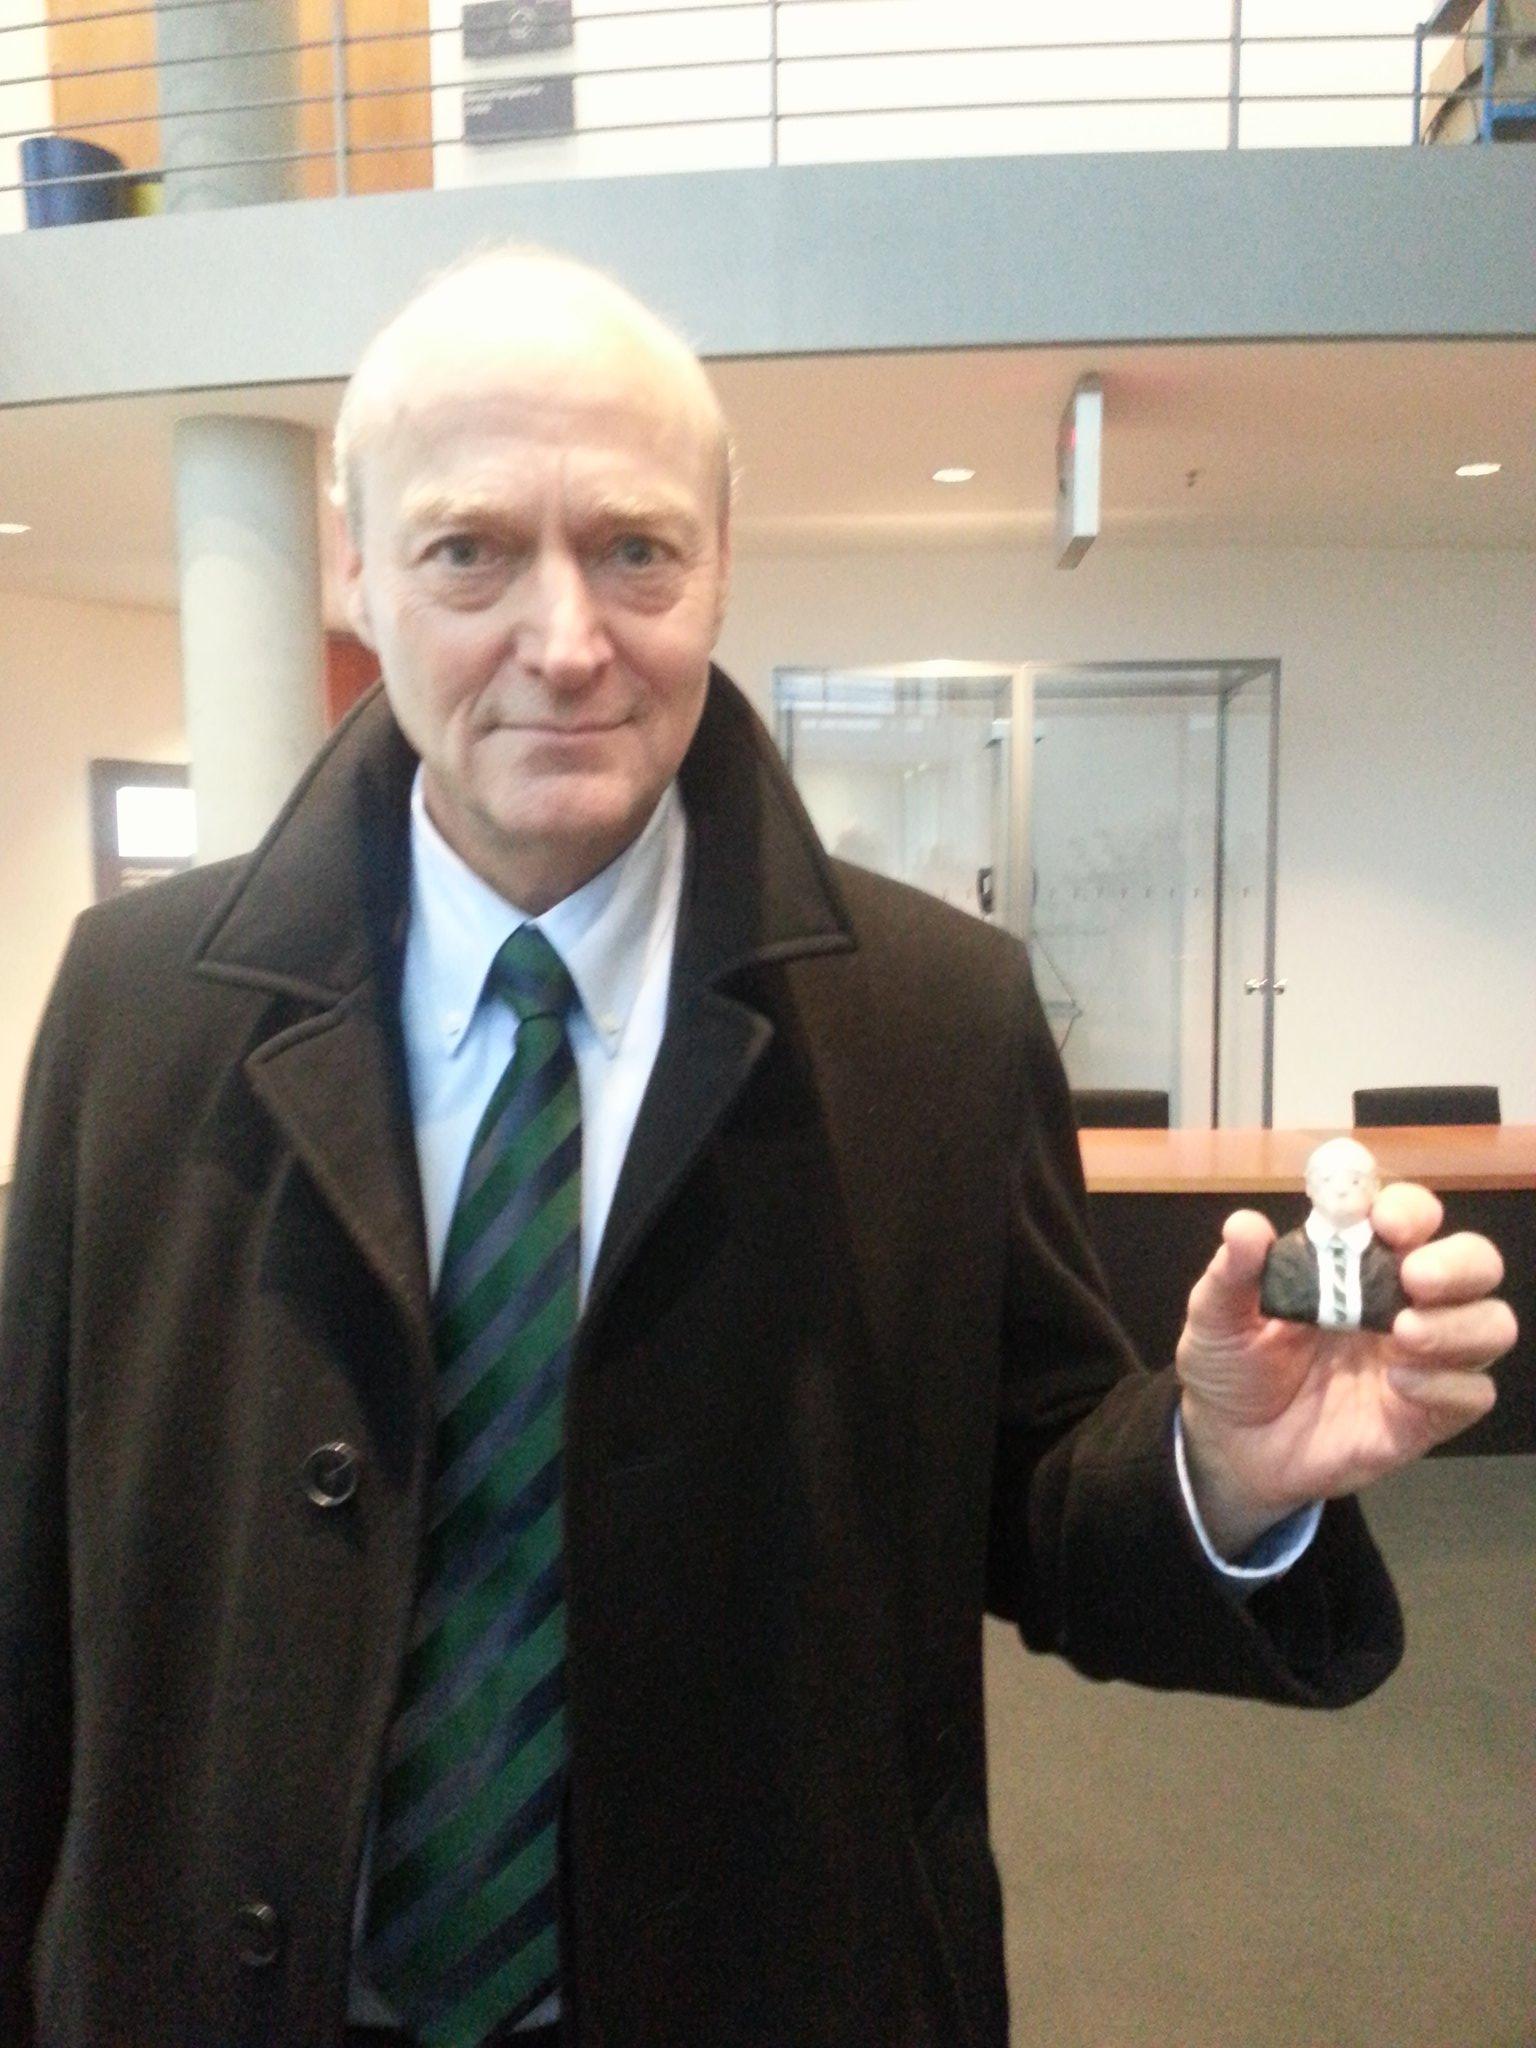 Gerhard Schindler vor dem Ausschusssaal mit Stellas Knetbüste